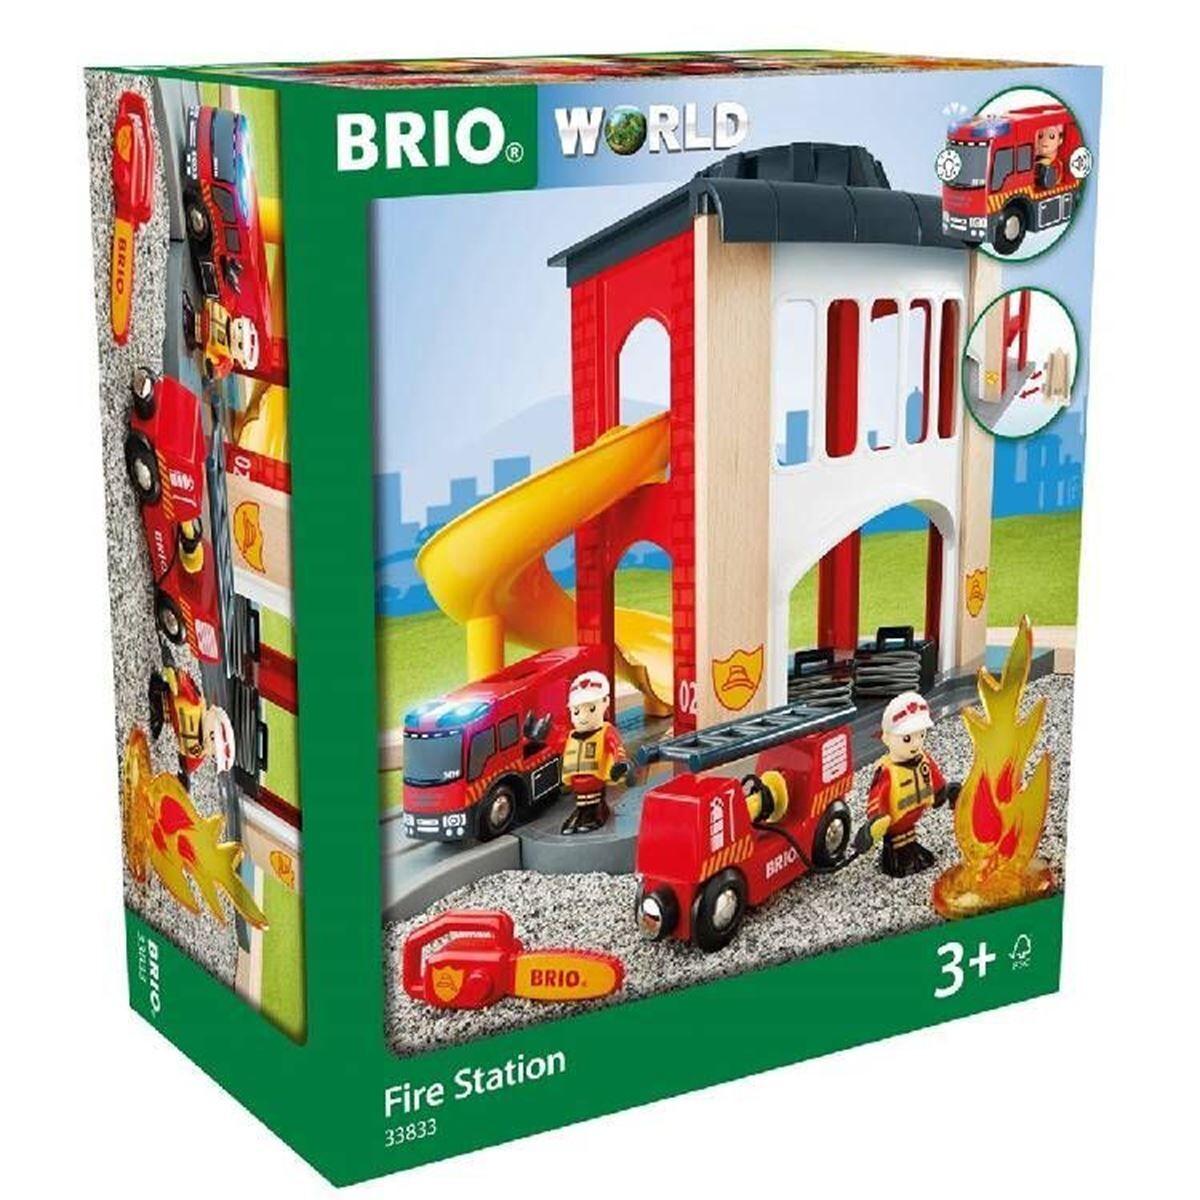 Brio Hoved brannstasjon